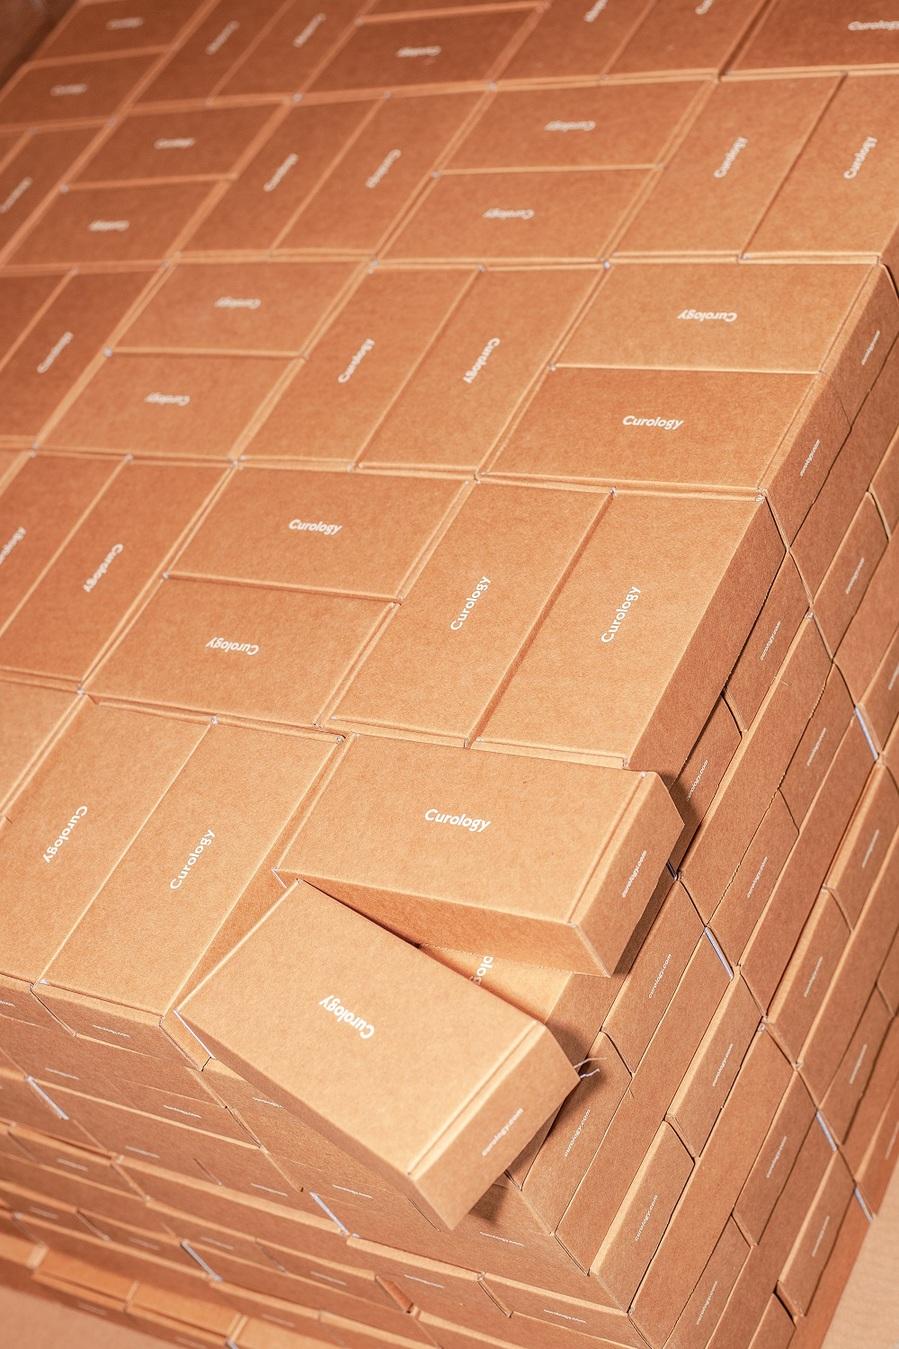 nette stapel dozen